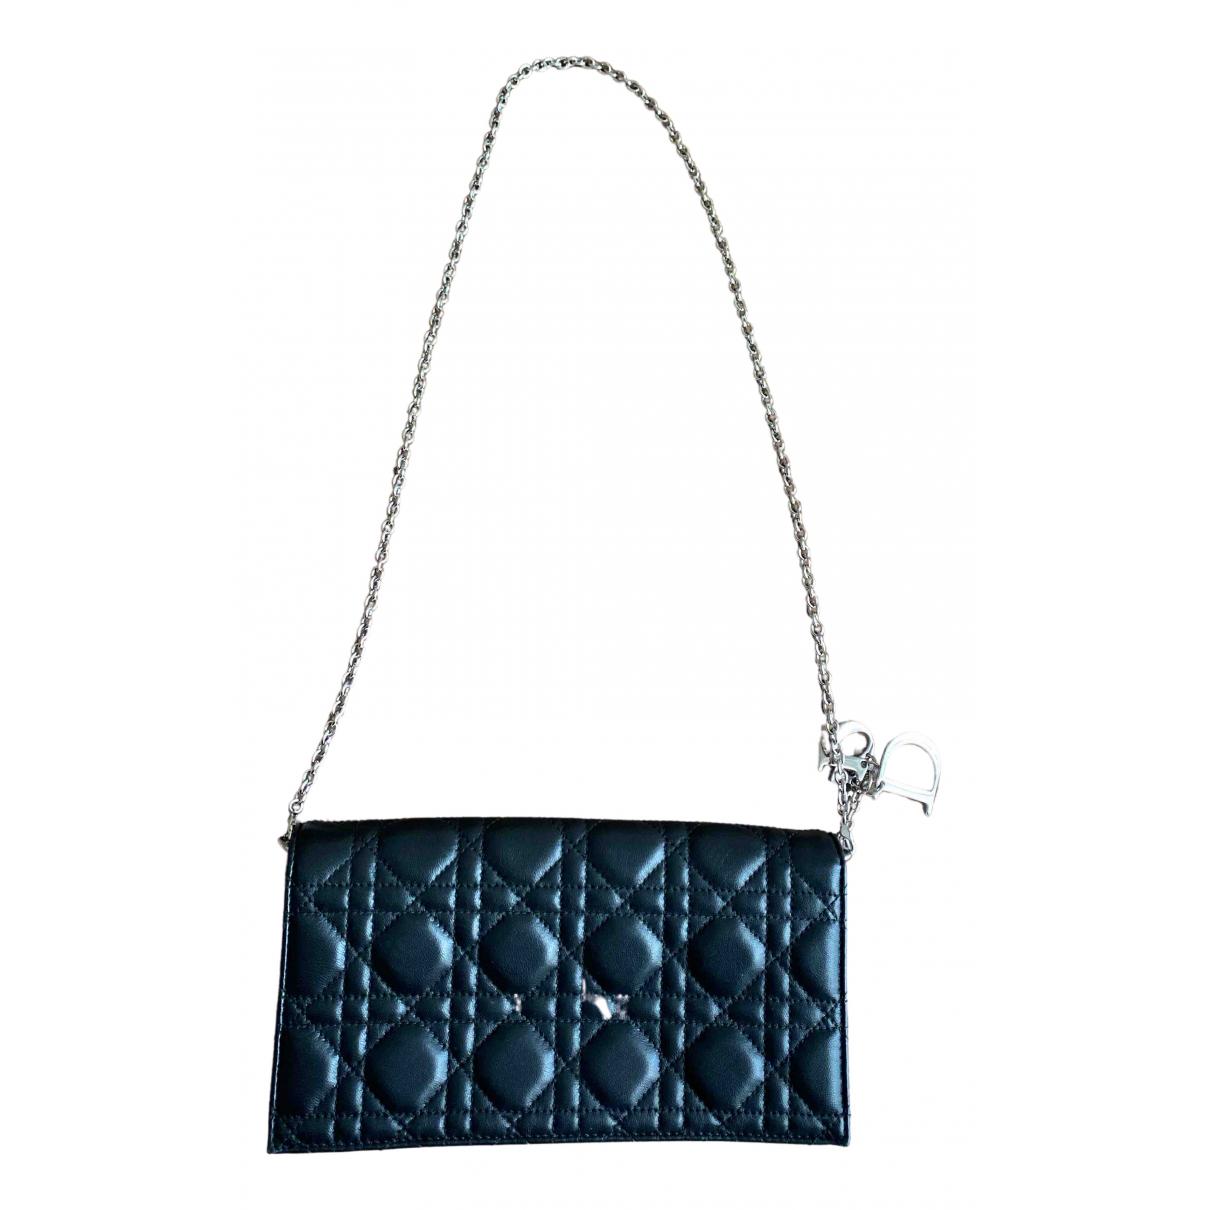 Dior Lady Dior Black Leather handbag for Women \N